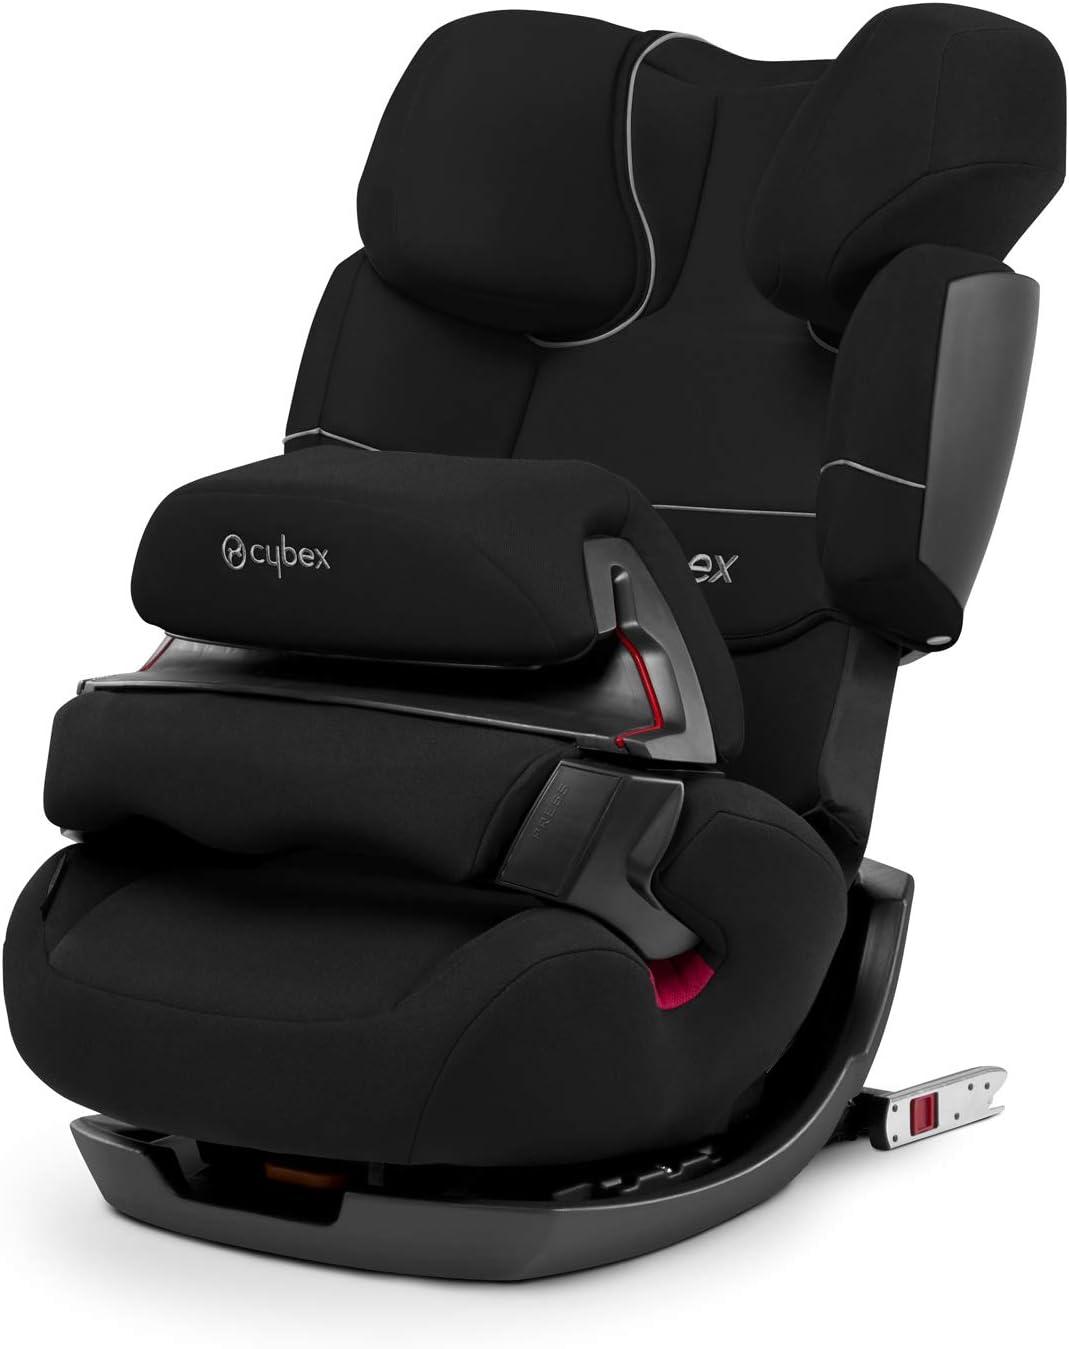 Cybex Silver Pallas-Fix Seggiolino Auto 2 in 1 per Bambini, per Auto...